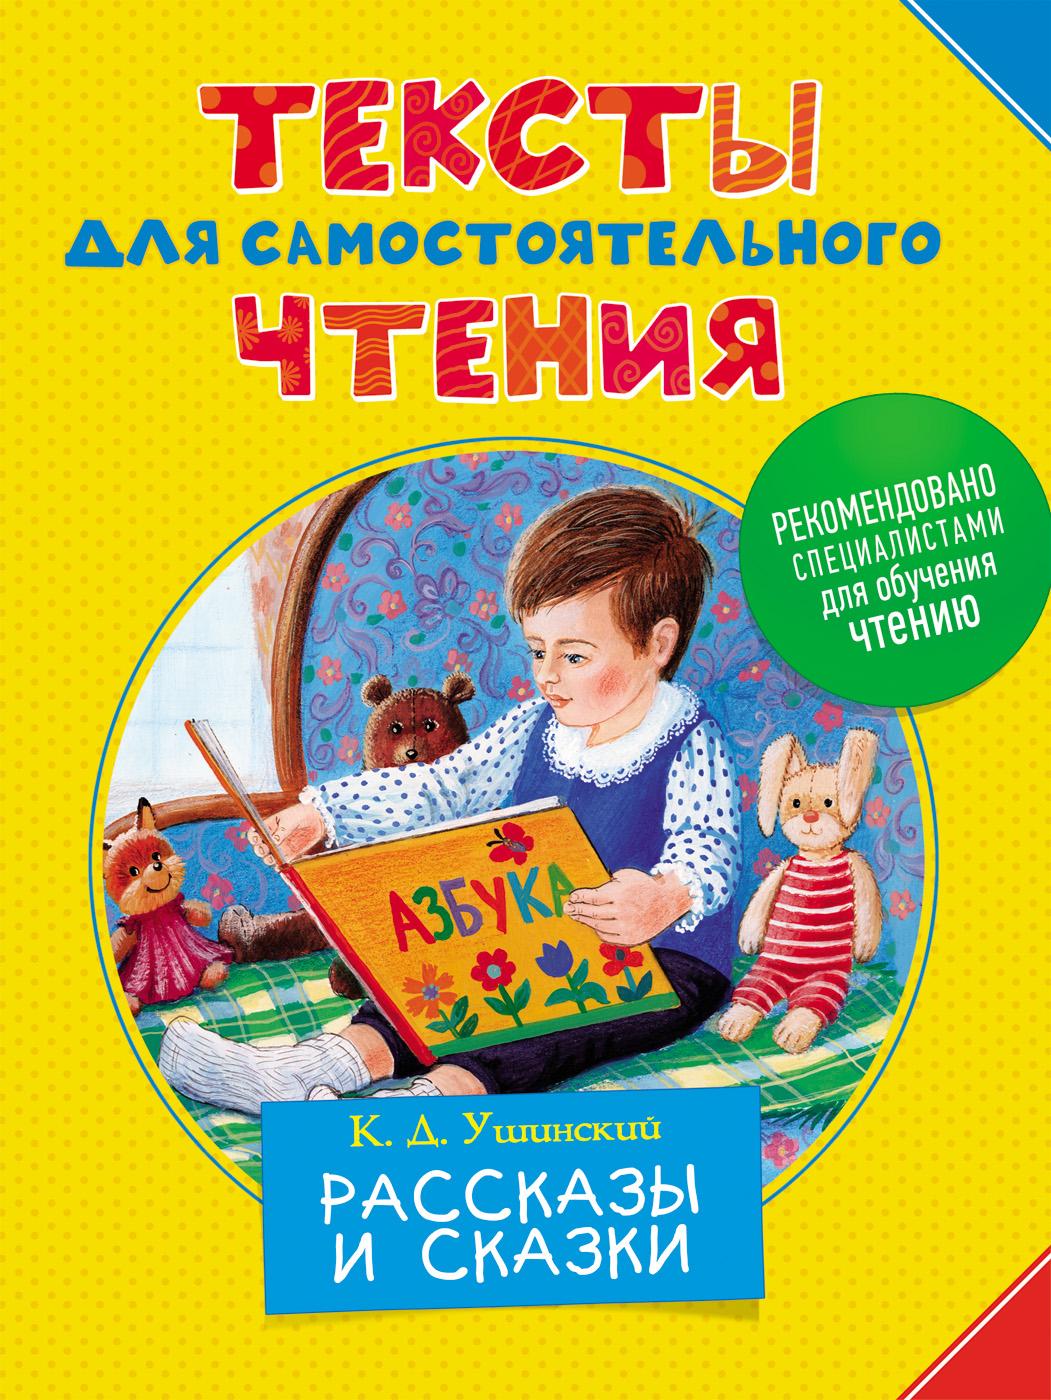 К. Д. Ушинский К. Д. Ушинский. Сказки и рассказы ушинский к д репка